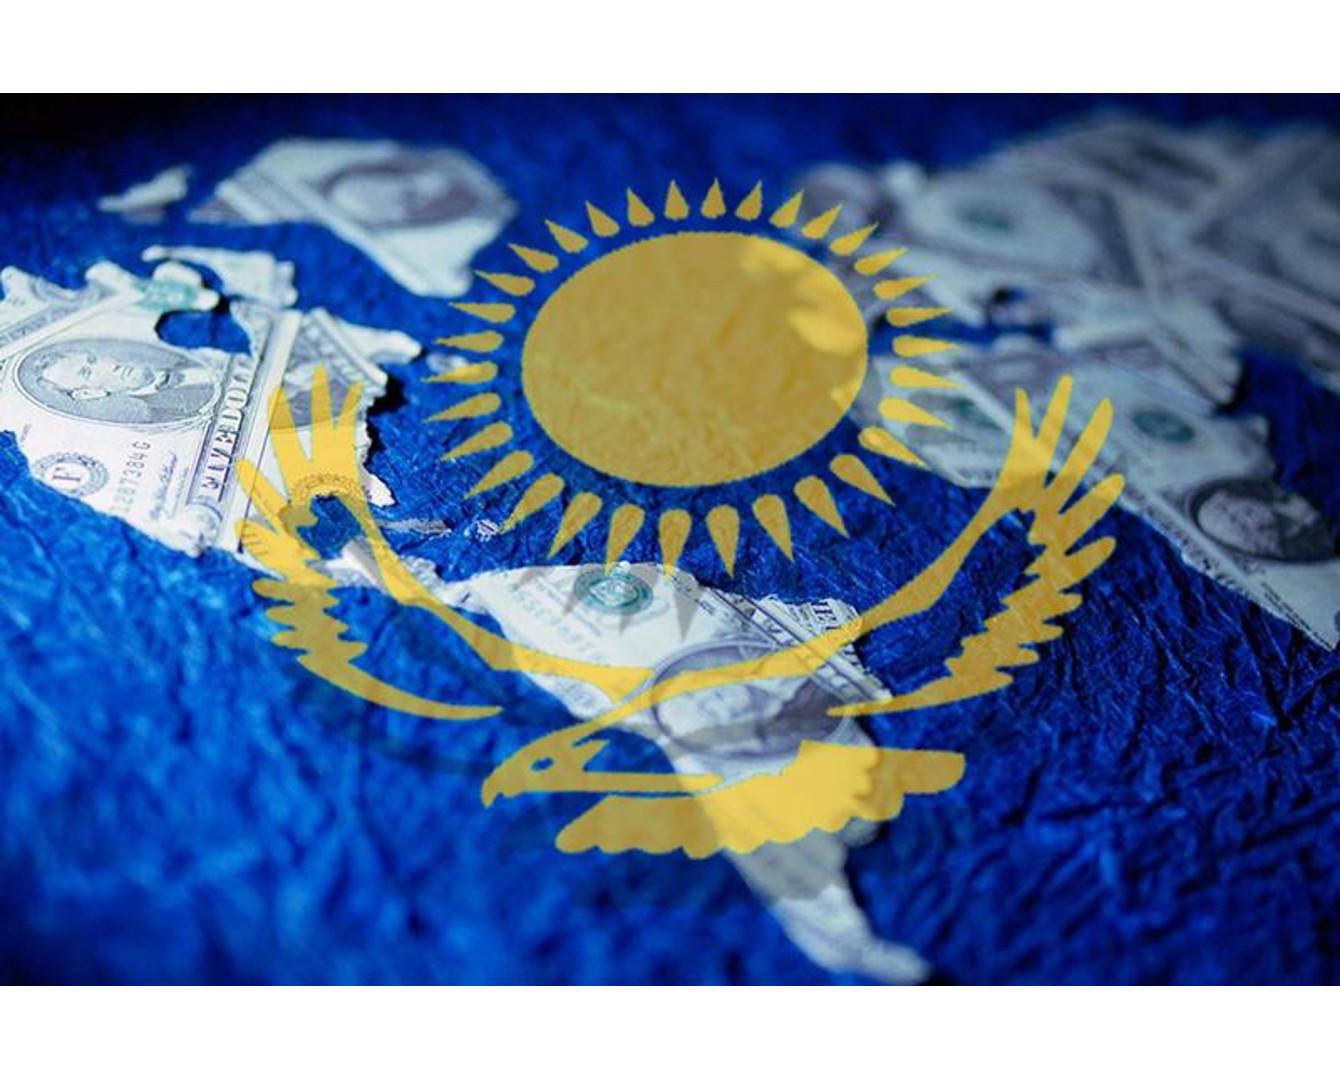 2019年12月哈萨克斯坦国际储备909.74亿美元